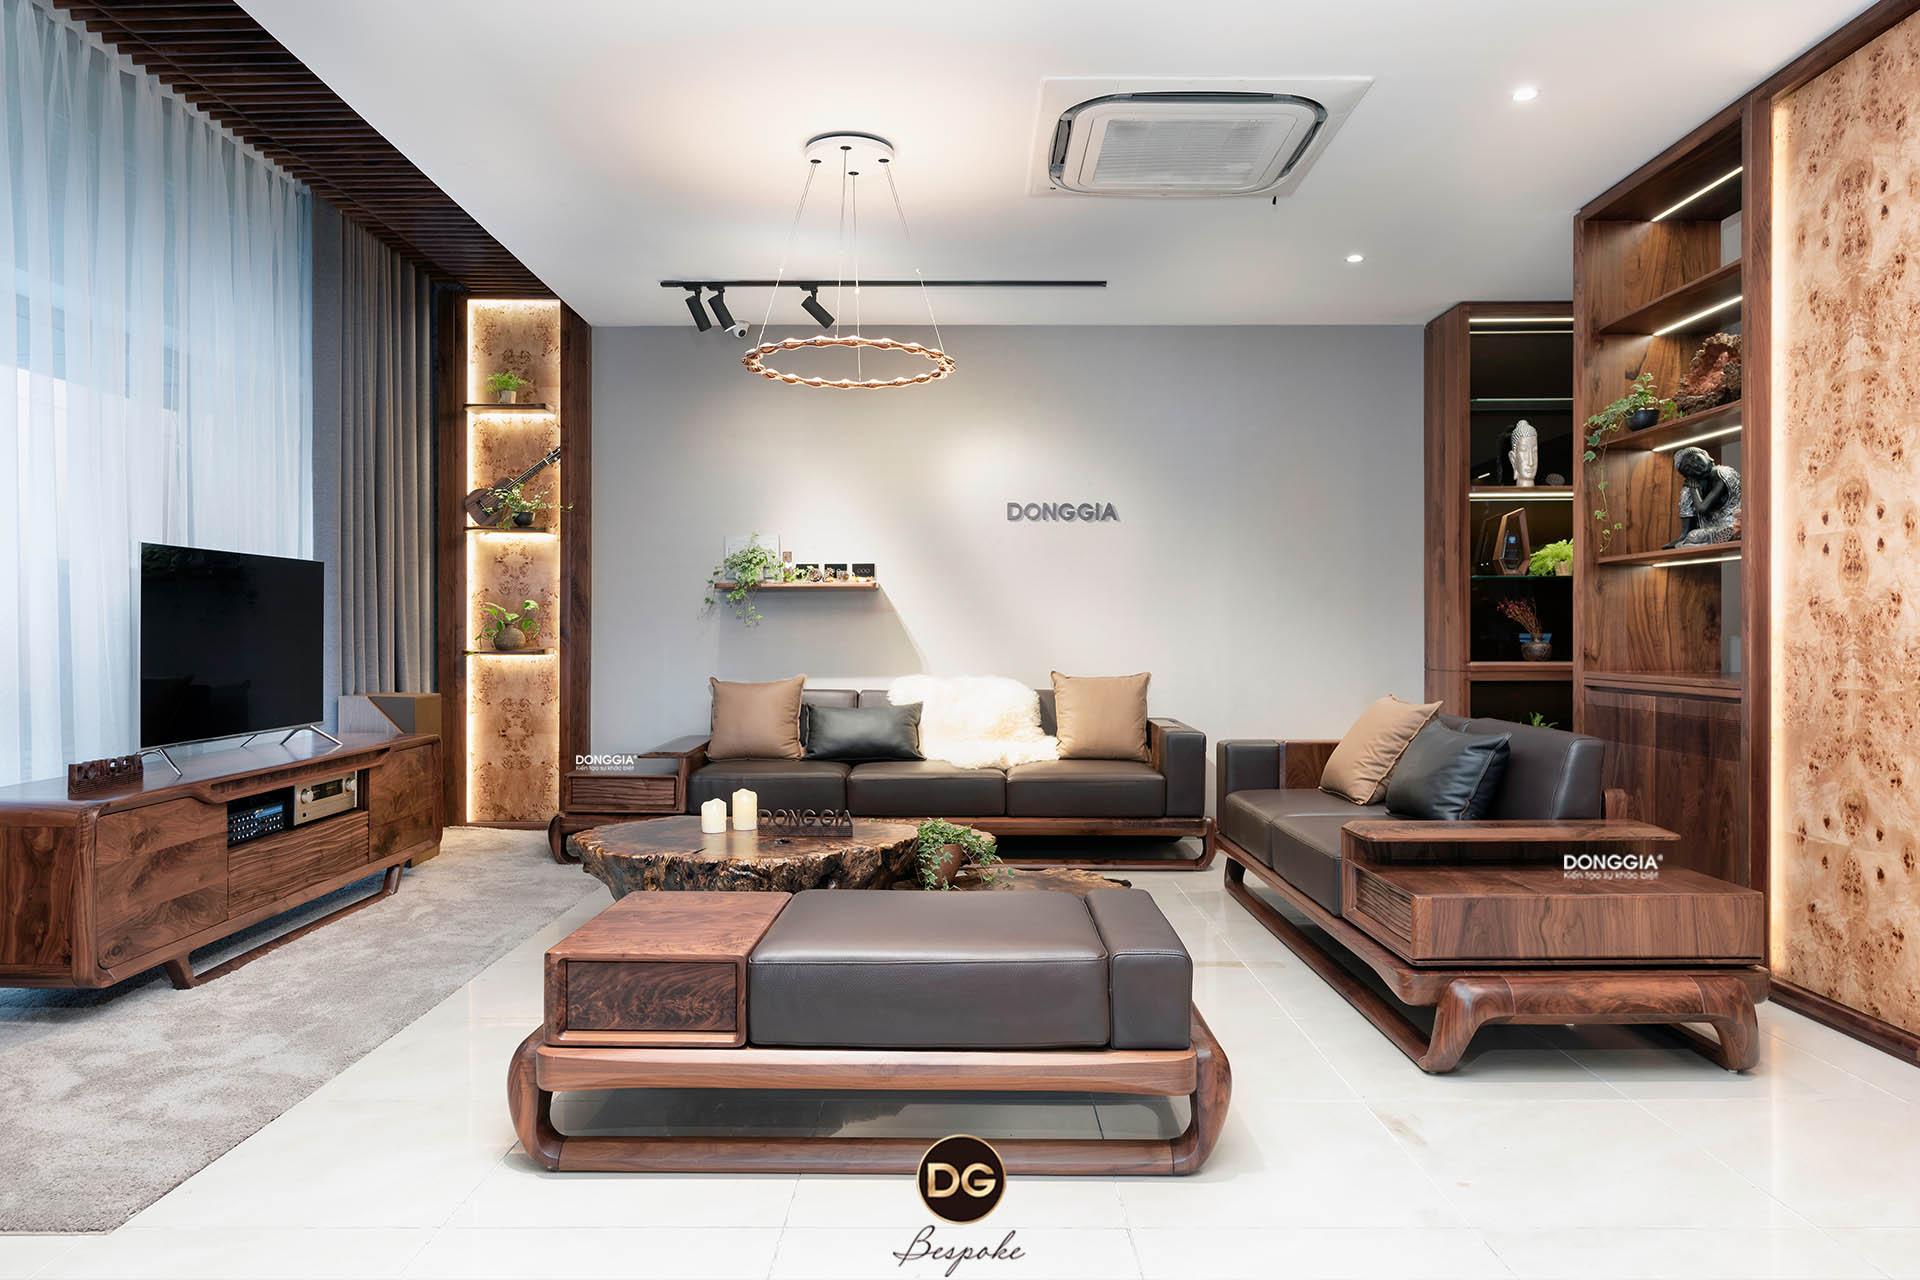 showroom-noi-that-bespoke-dg-2020 (2)